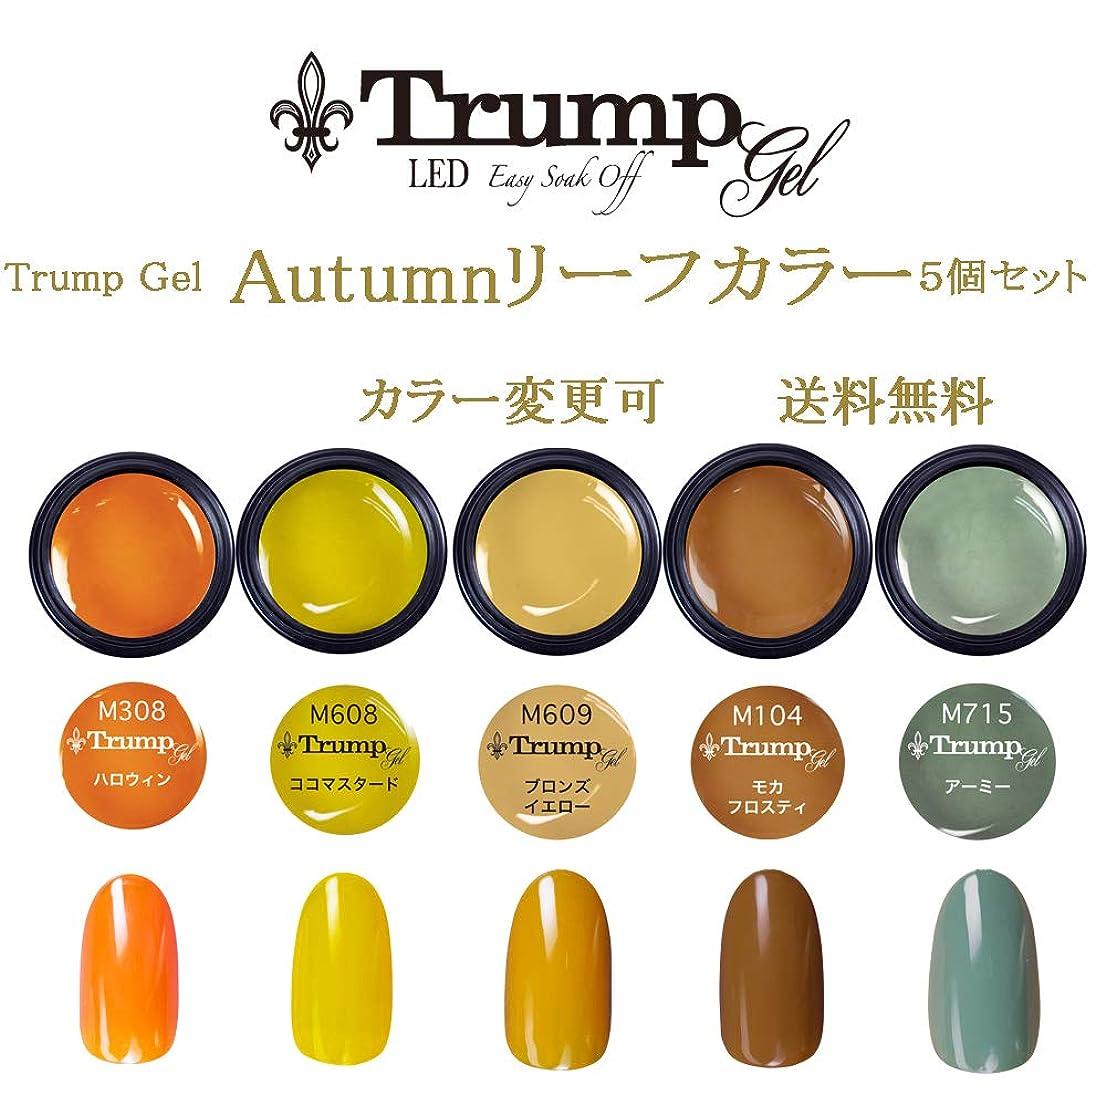 教育者ホステス無礼に【送料無料】日本製 Trump gel トランプジェル オータムリーフカラー 選べる カラージェル 5個セット オータムネイル ベージュ ブラウン マスタード カラー